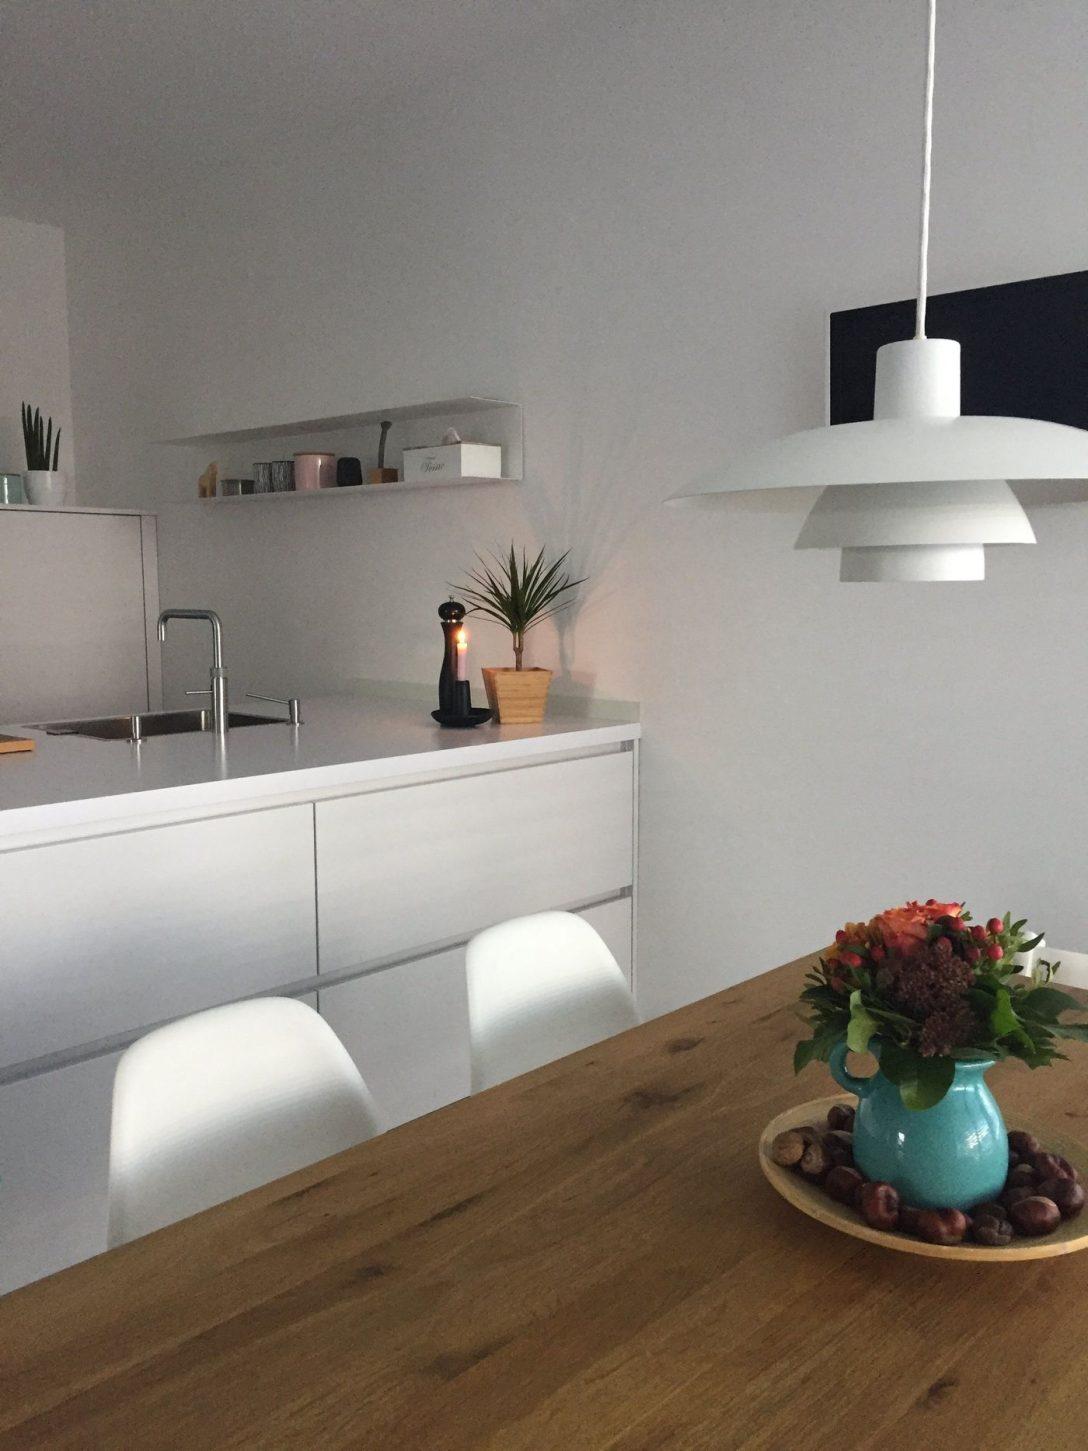 Large Size of Ikea Hängeregal Ideen Und Inspirationen Fr Regale Betten 160x200 Modulküche Küche Kosten Bei Miniküche Kaufen Sofa Mit Schlaffunktion Wohnzimmer Ikea Hängeregal